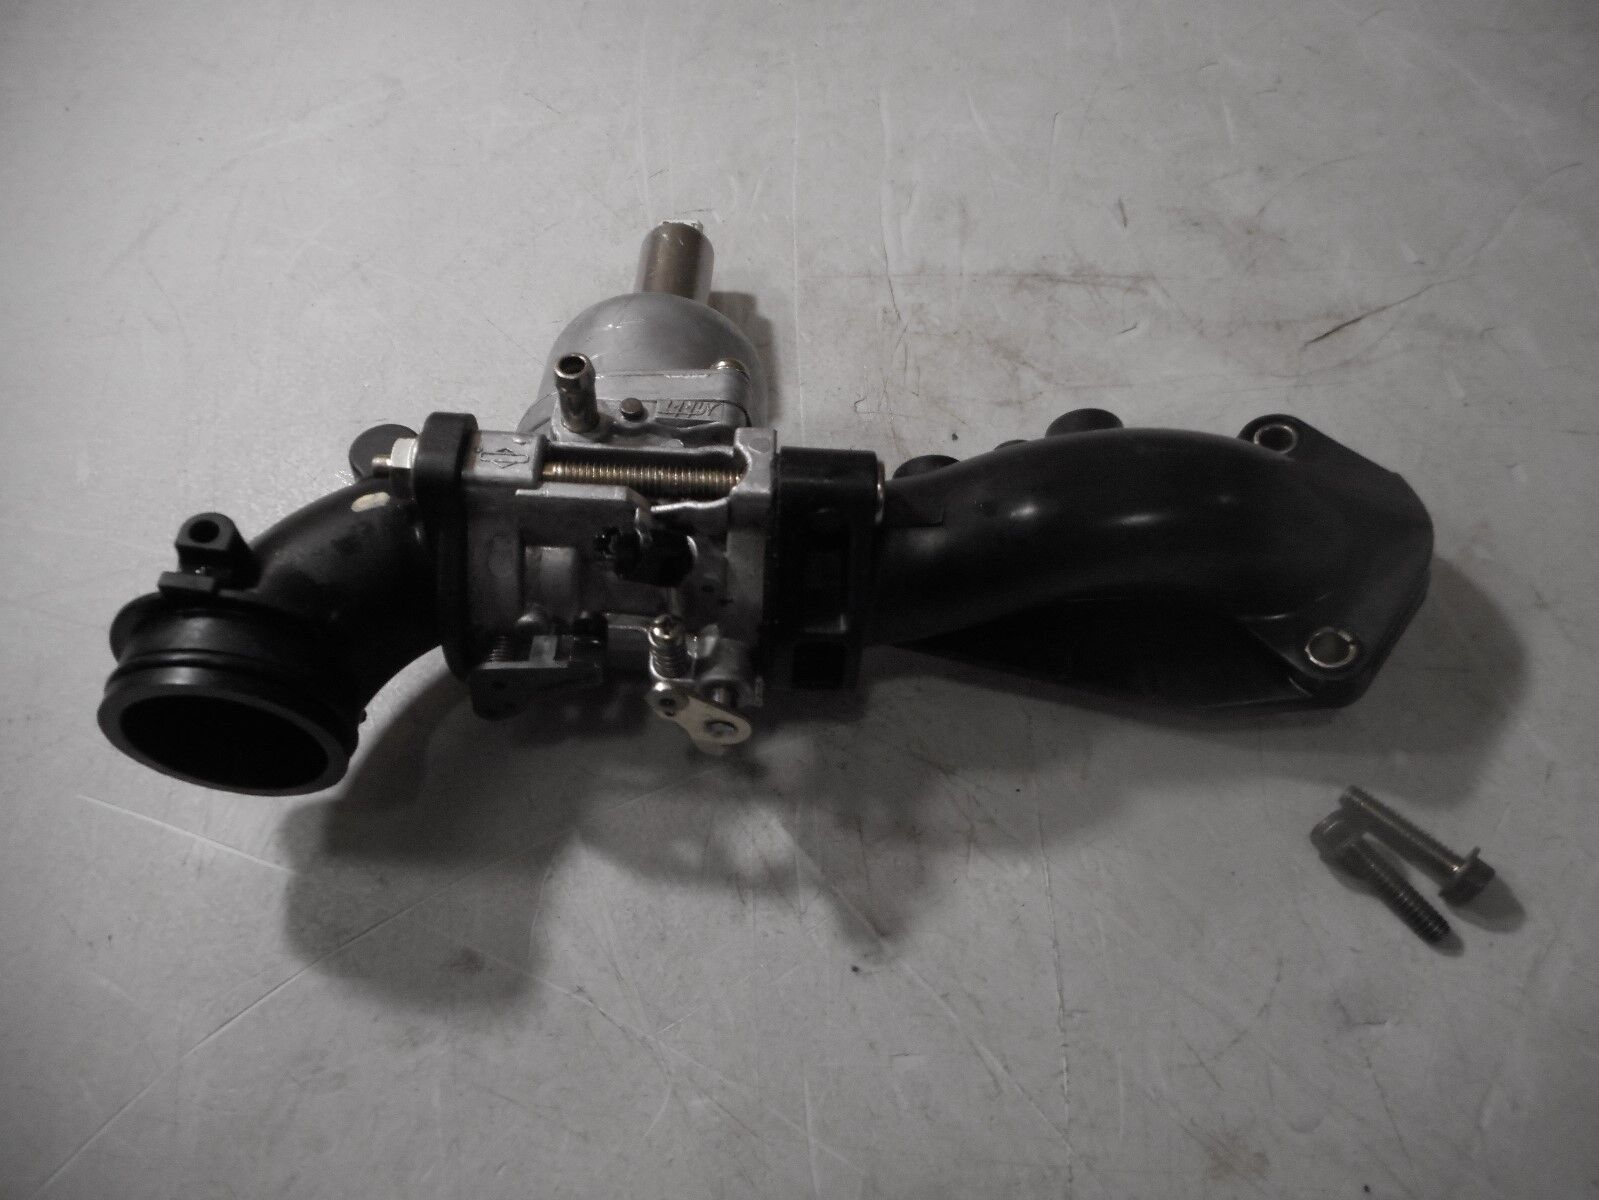 Briggs Stratton 19 Hp Carburetor With